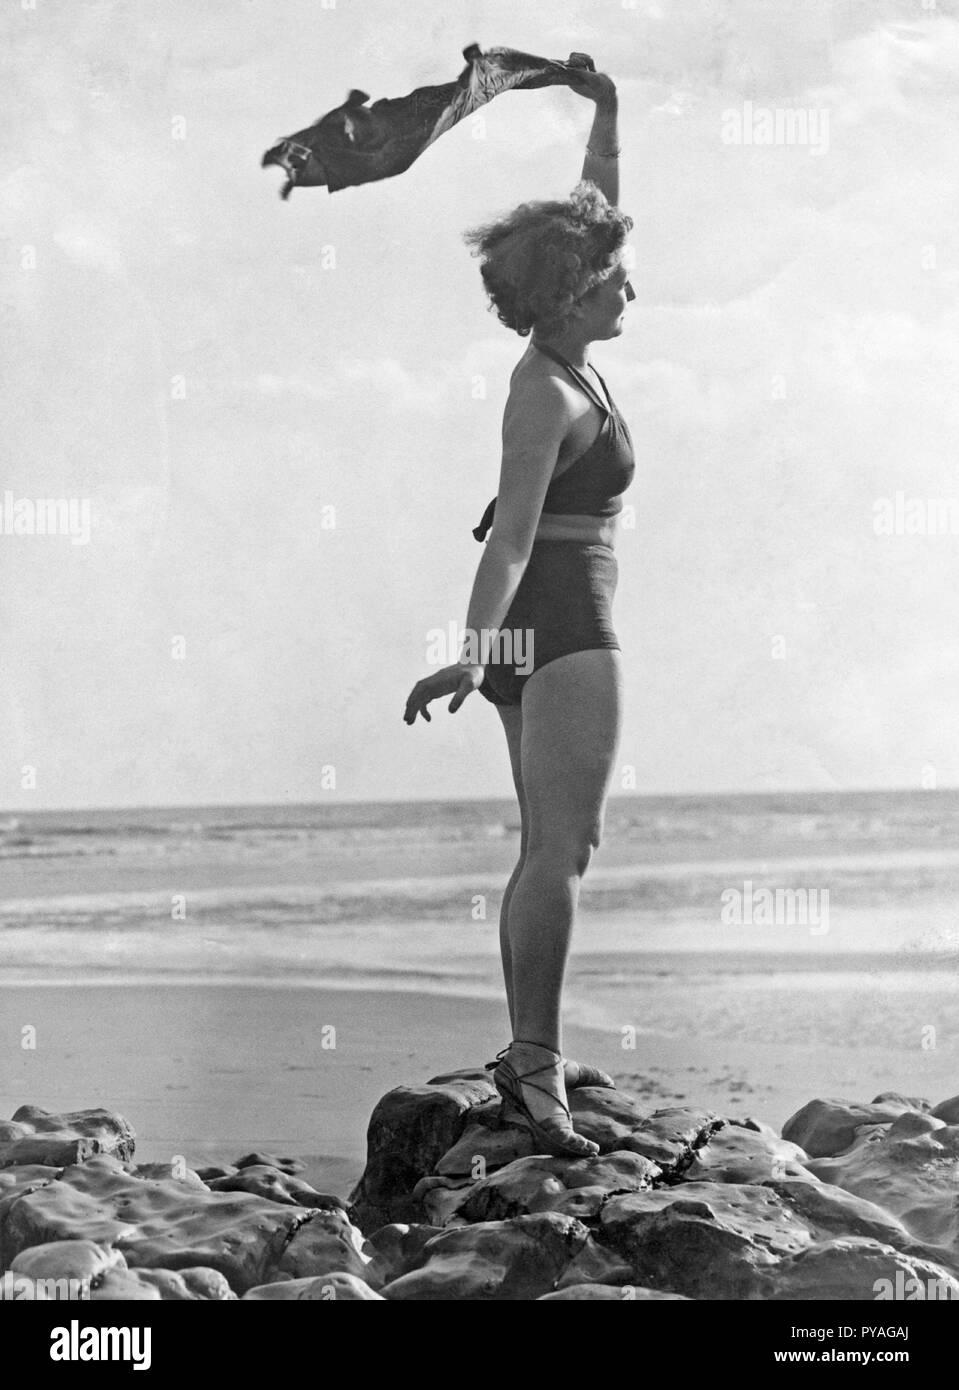 Am Strand, in den 1930er Jahren. Eine junge Frau in einem zweiteiligen Baden Suite, stehend auf dem Strand winkt für jemand. 1930er Jahre Stockbild